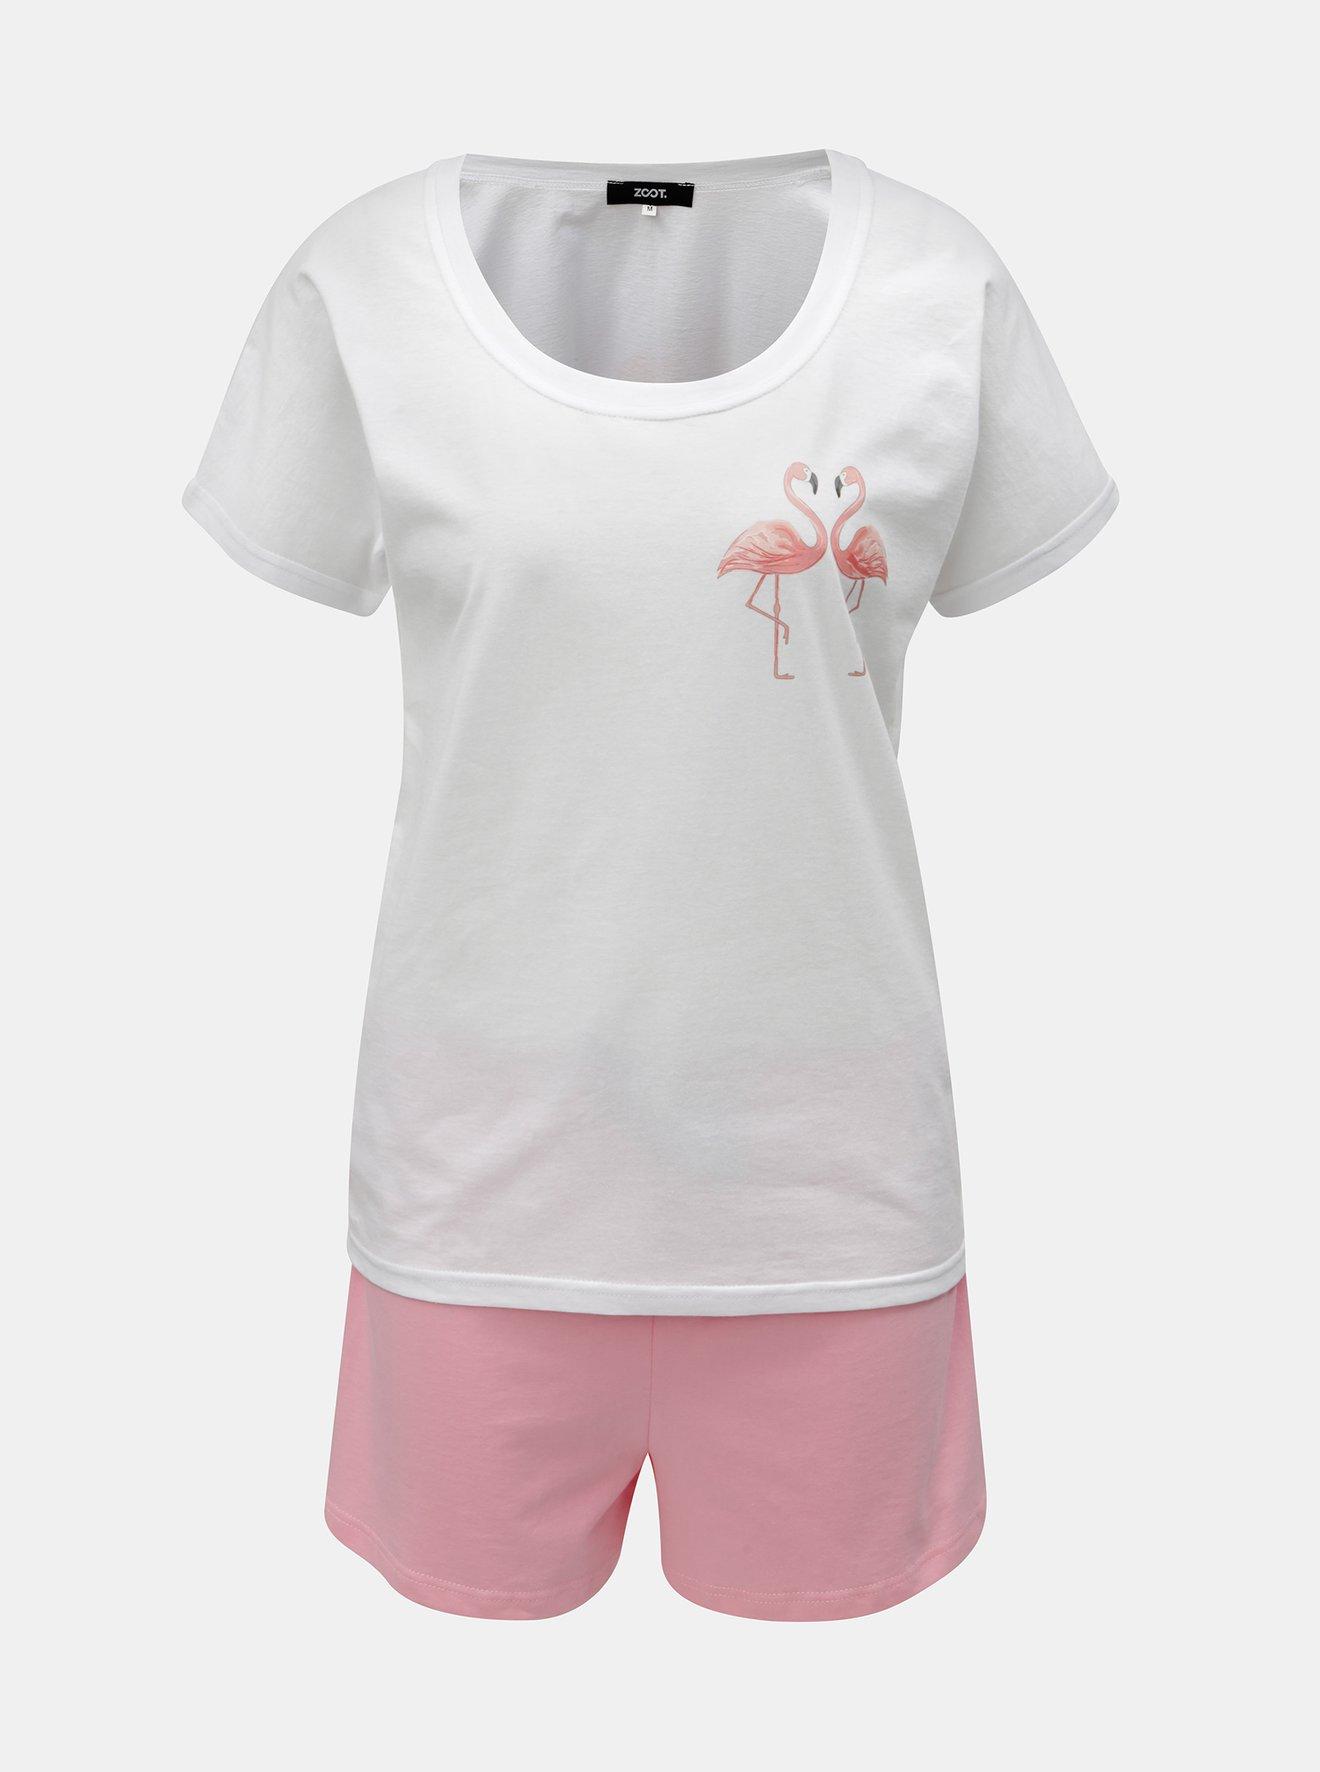 Růžovo-bílé dámské dvoudílné pyžamo s motivem plameňáků ZOOT